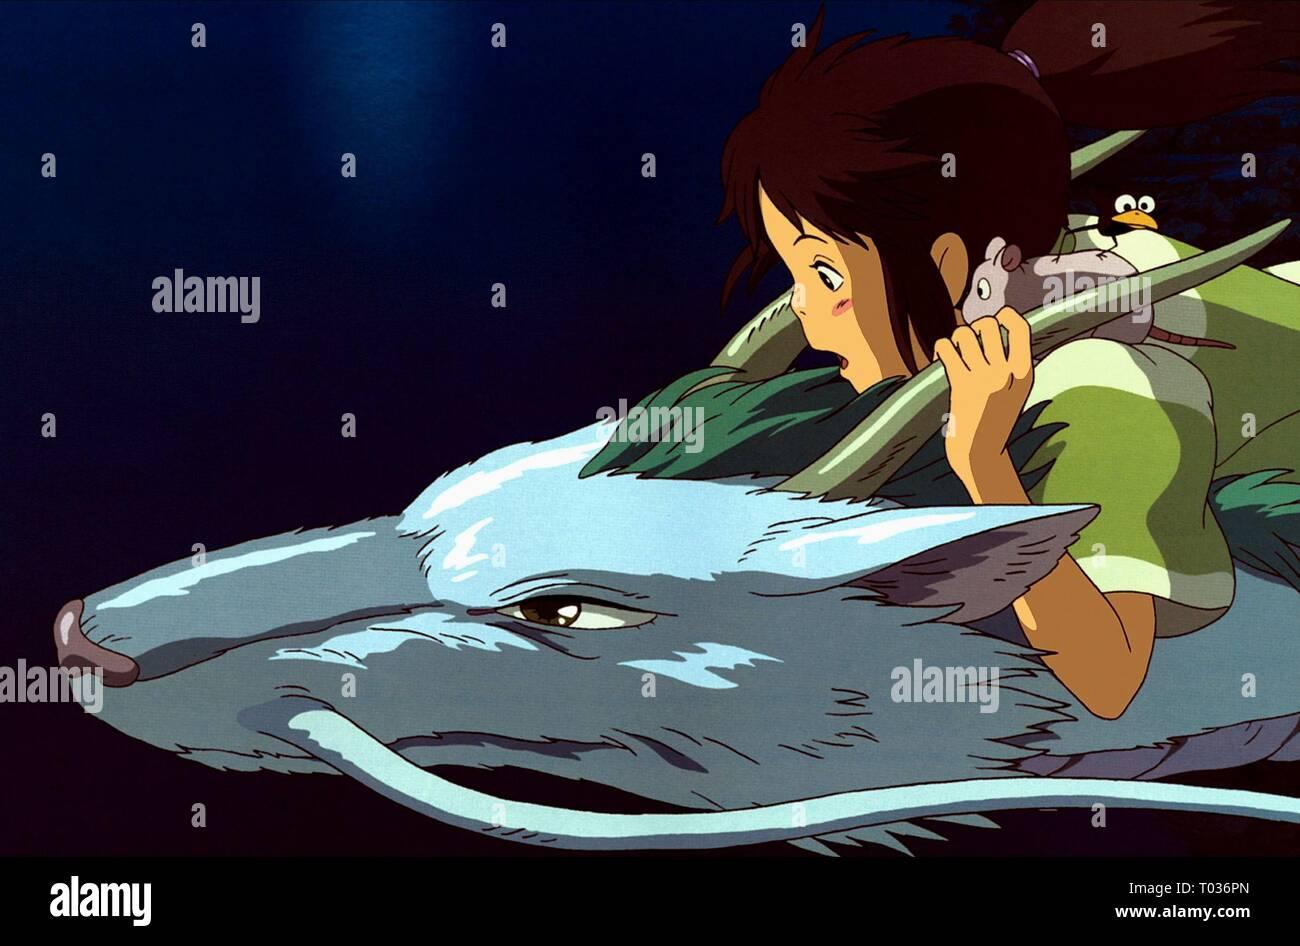 Haku Chihiro Ogino Spirited Away 2001 Stock Photo Alamy